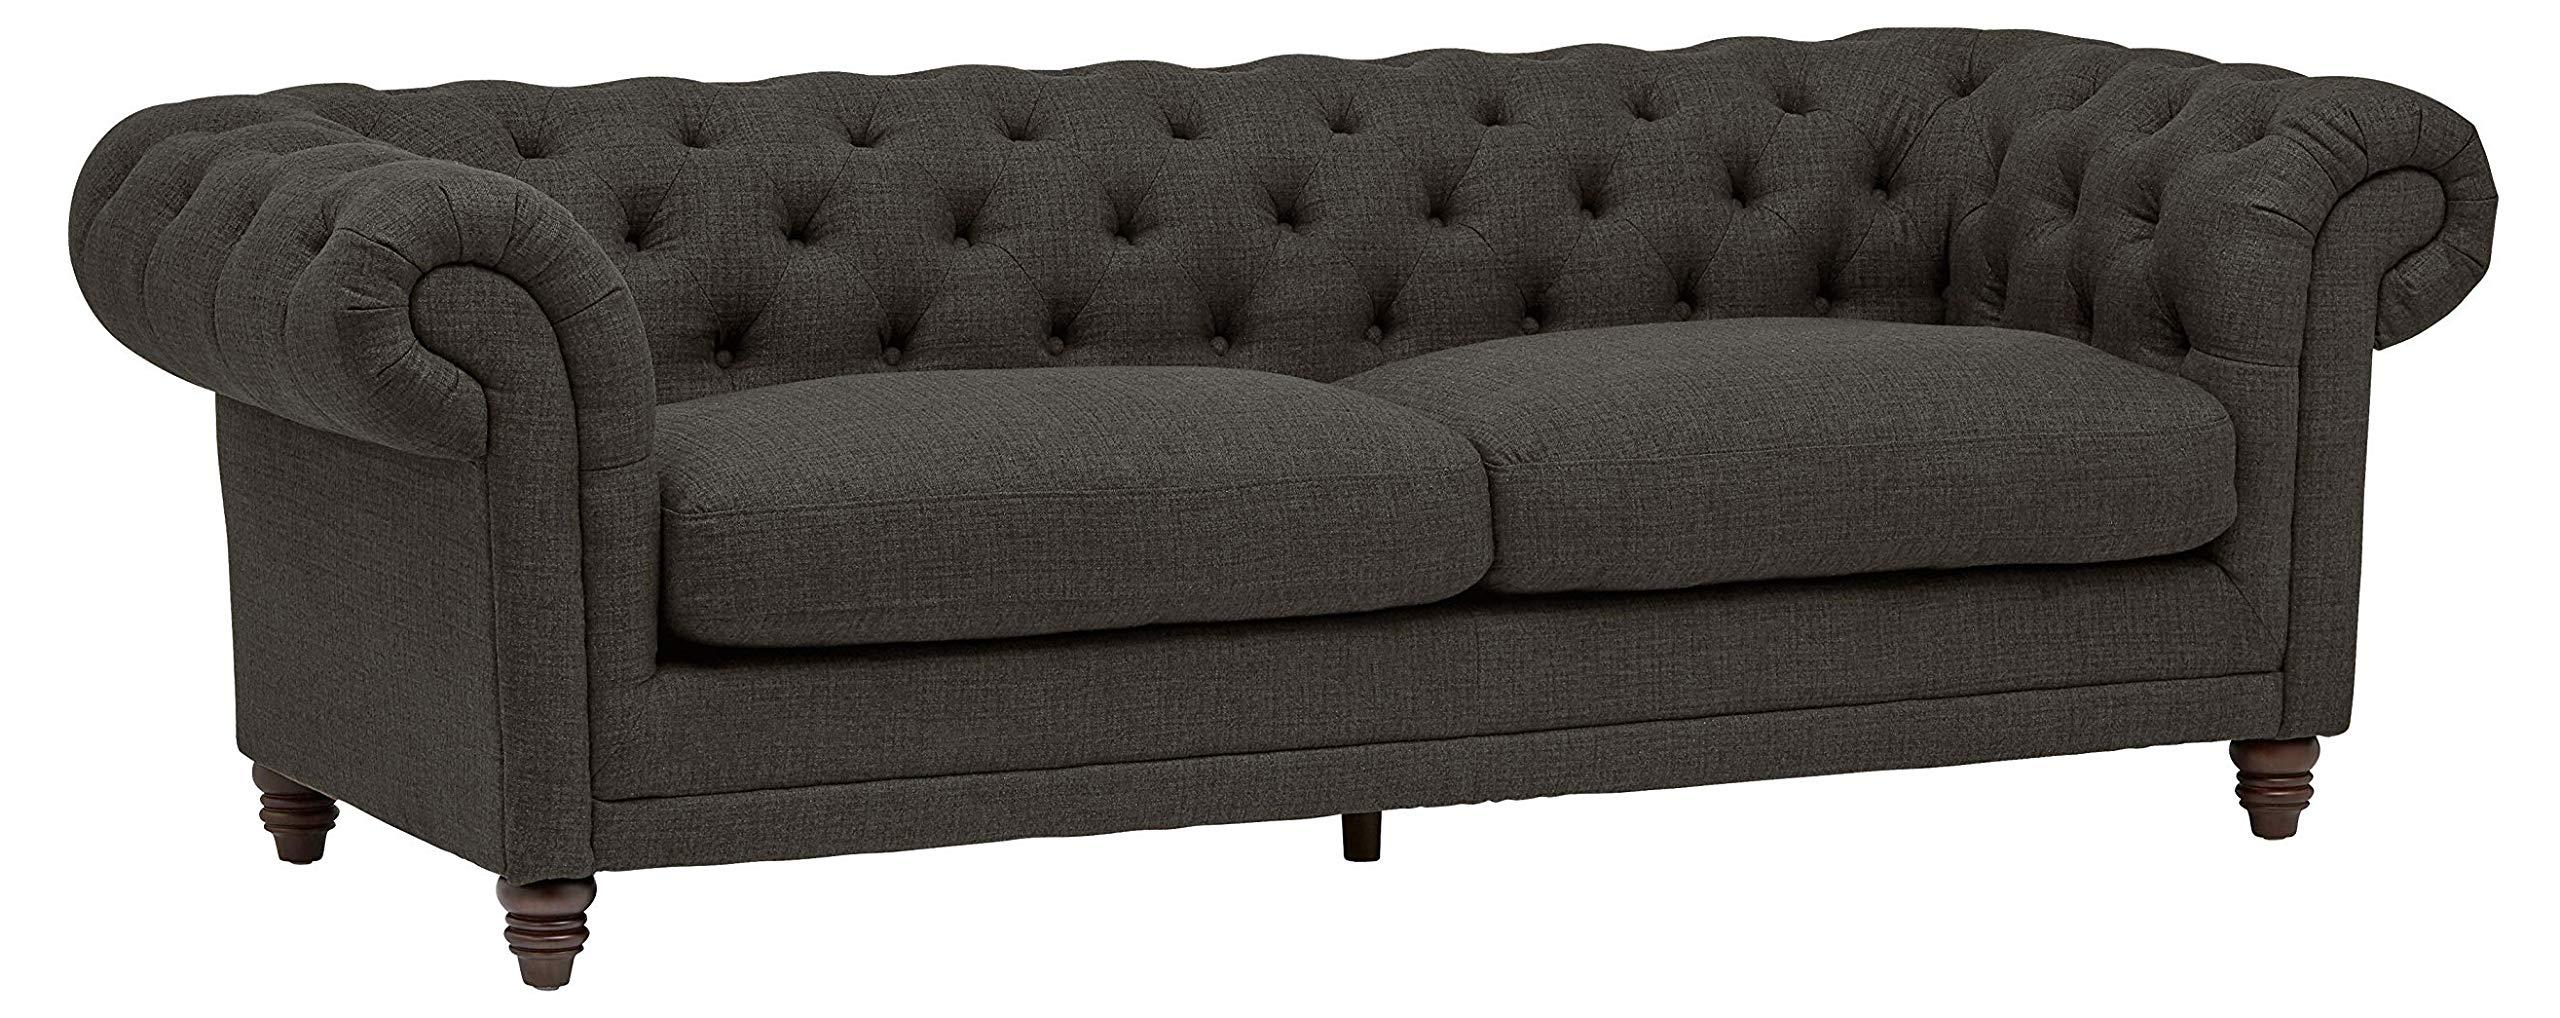 Stone & Beam Bradbury Chesterfield Classic Sofa, 92.9''W, Pepper by Stone & Beam